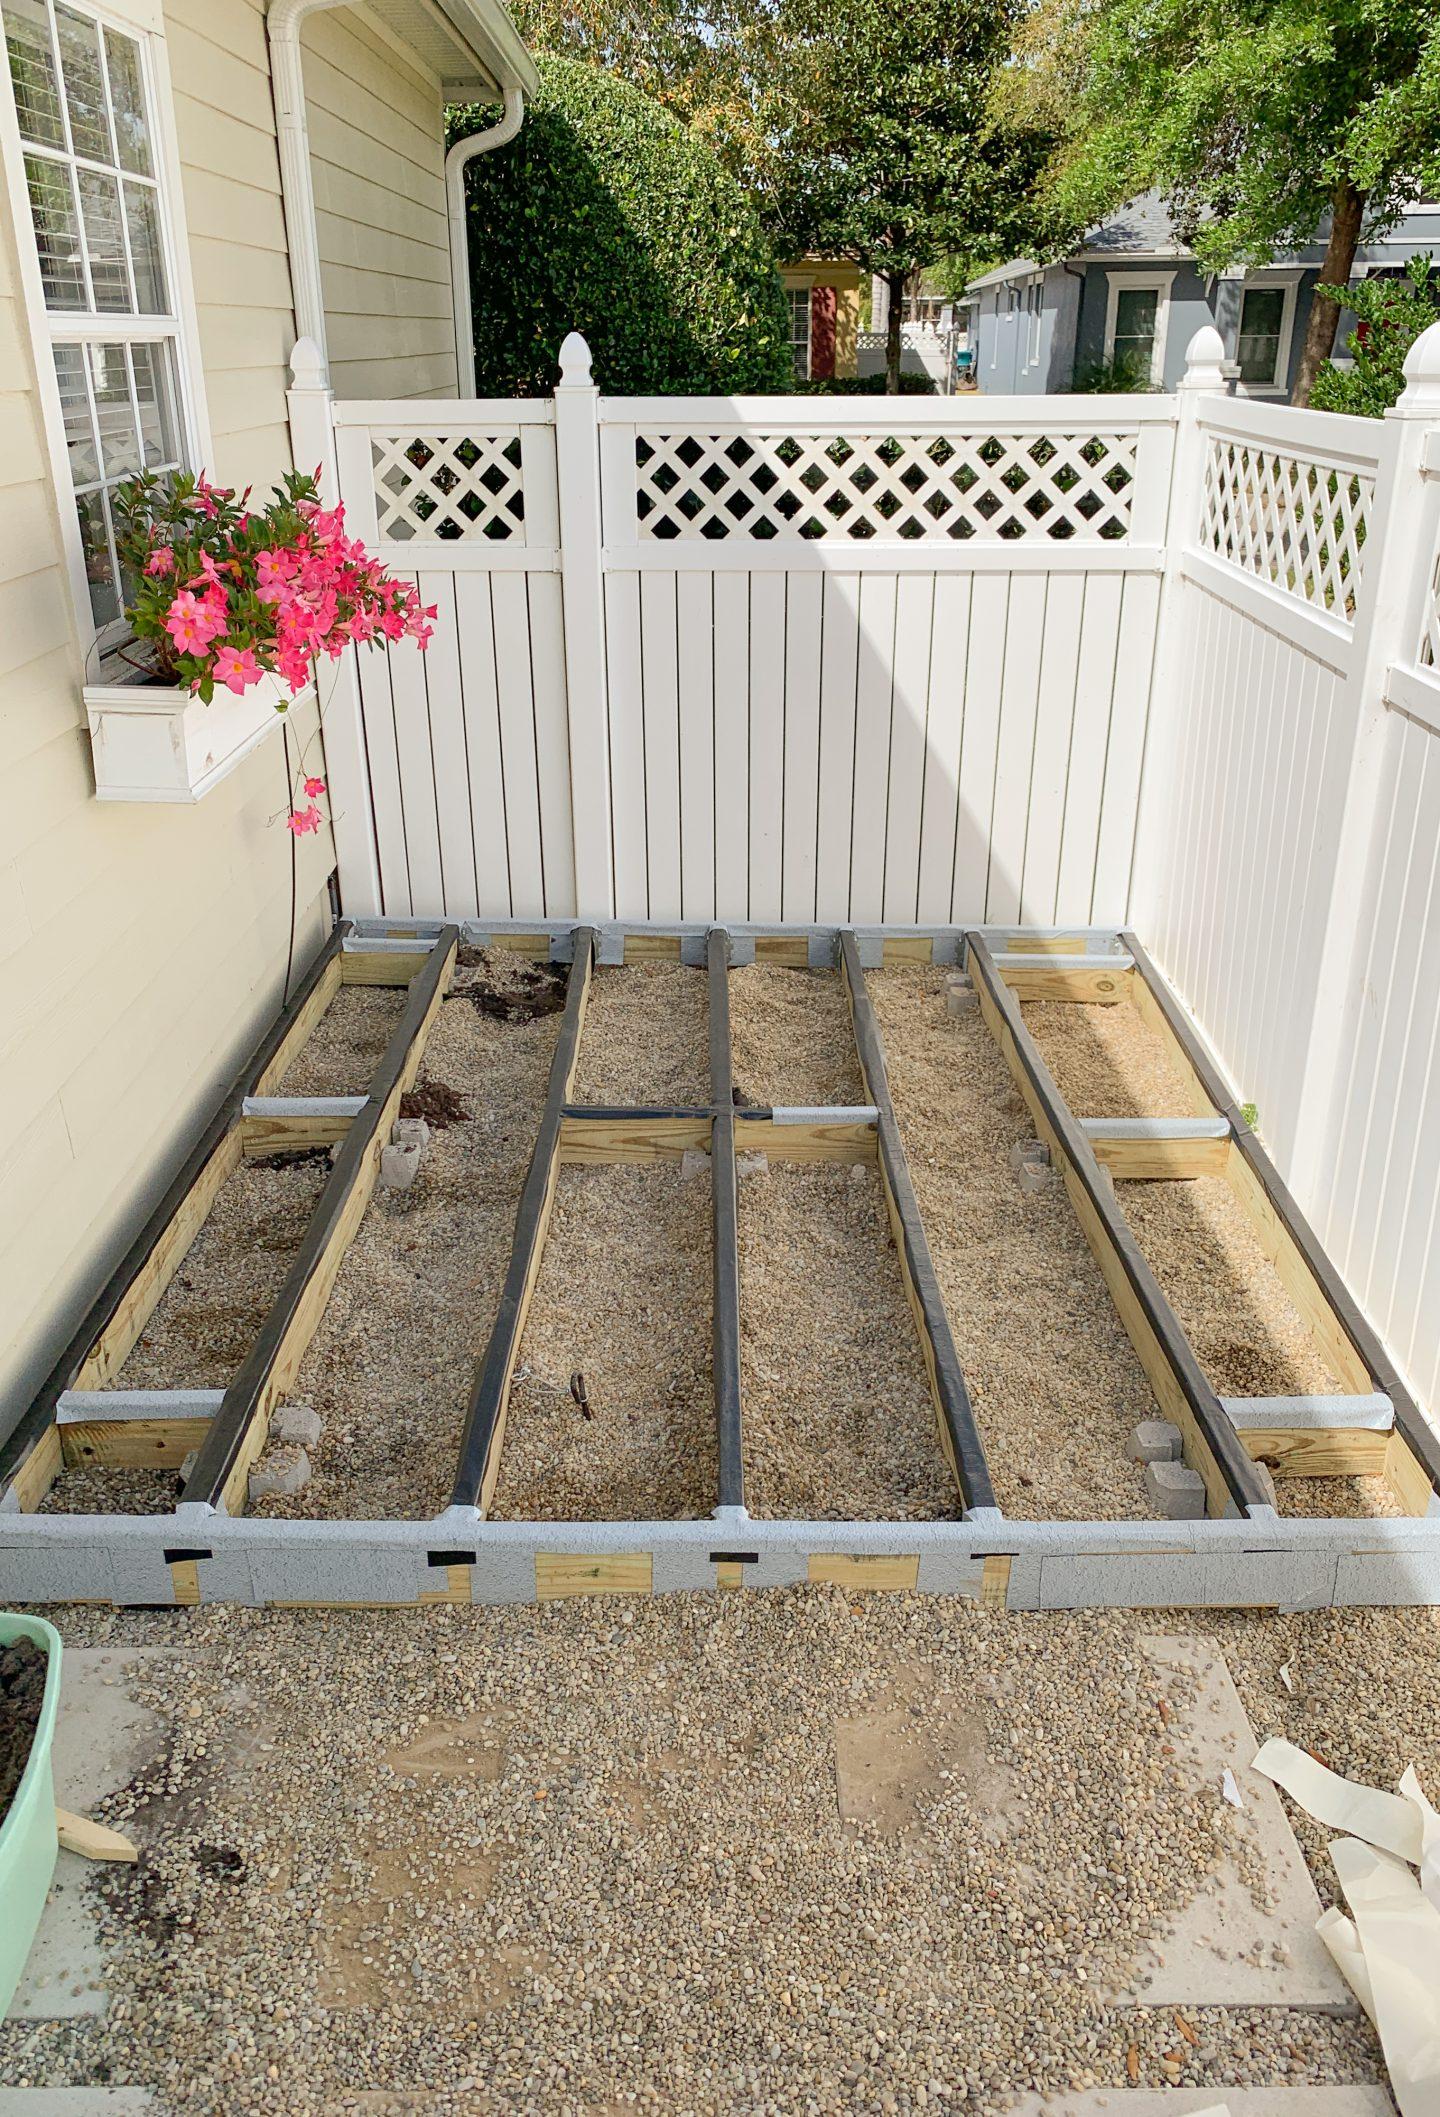 DIY Deck frame on www.ashleybrookedesigns.com